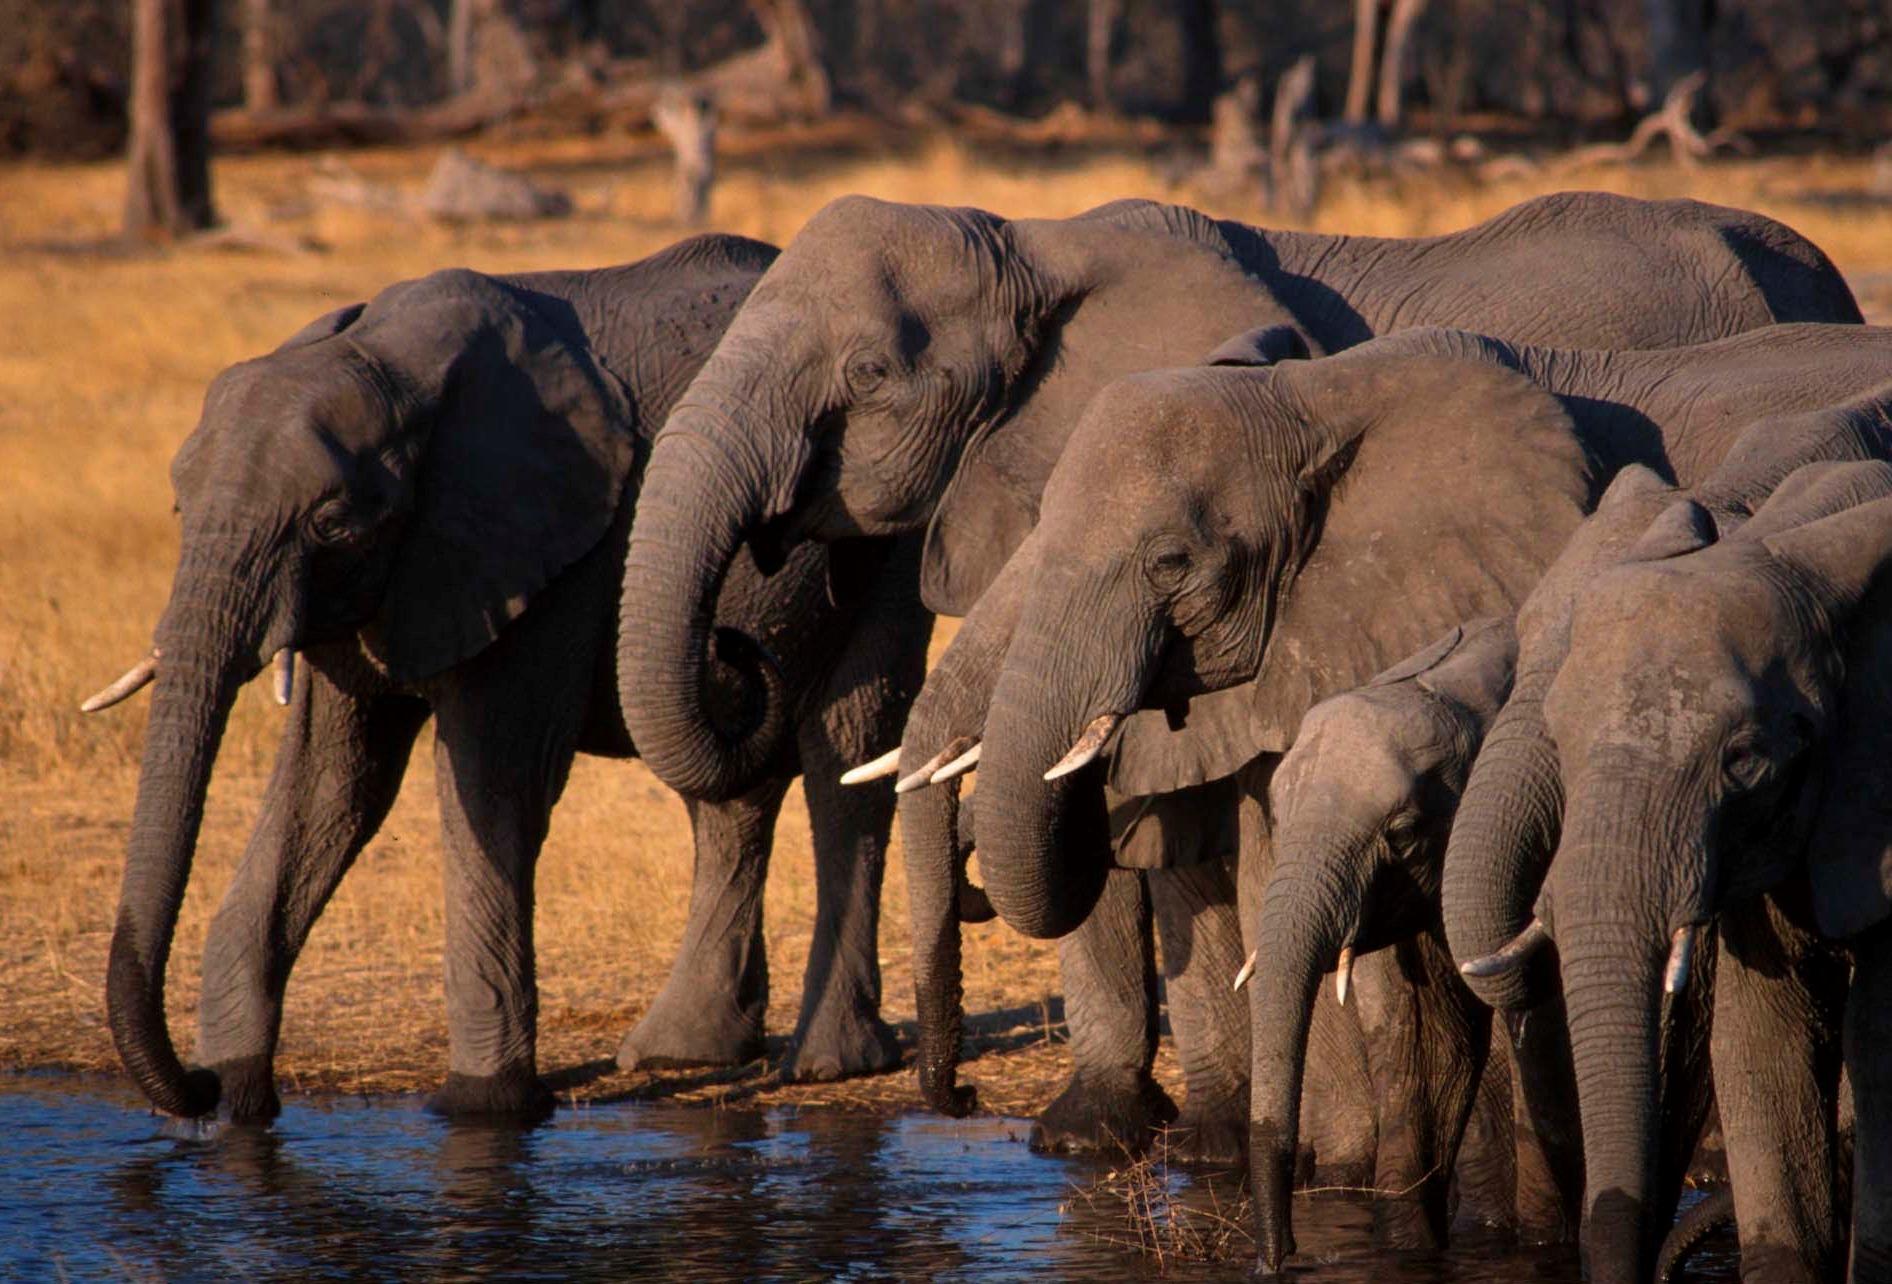 Elephants drinking water at the Chobe National Park, Botswana.